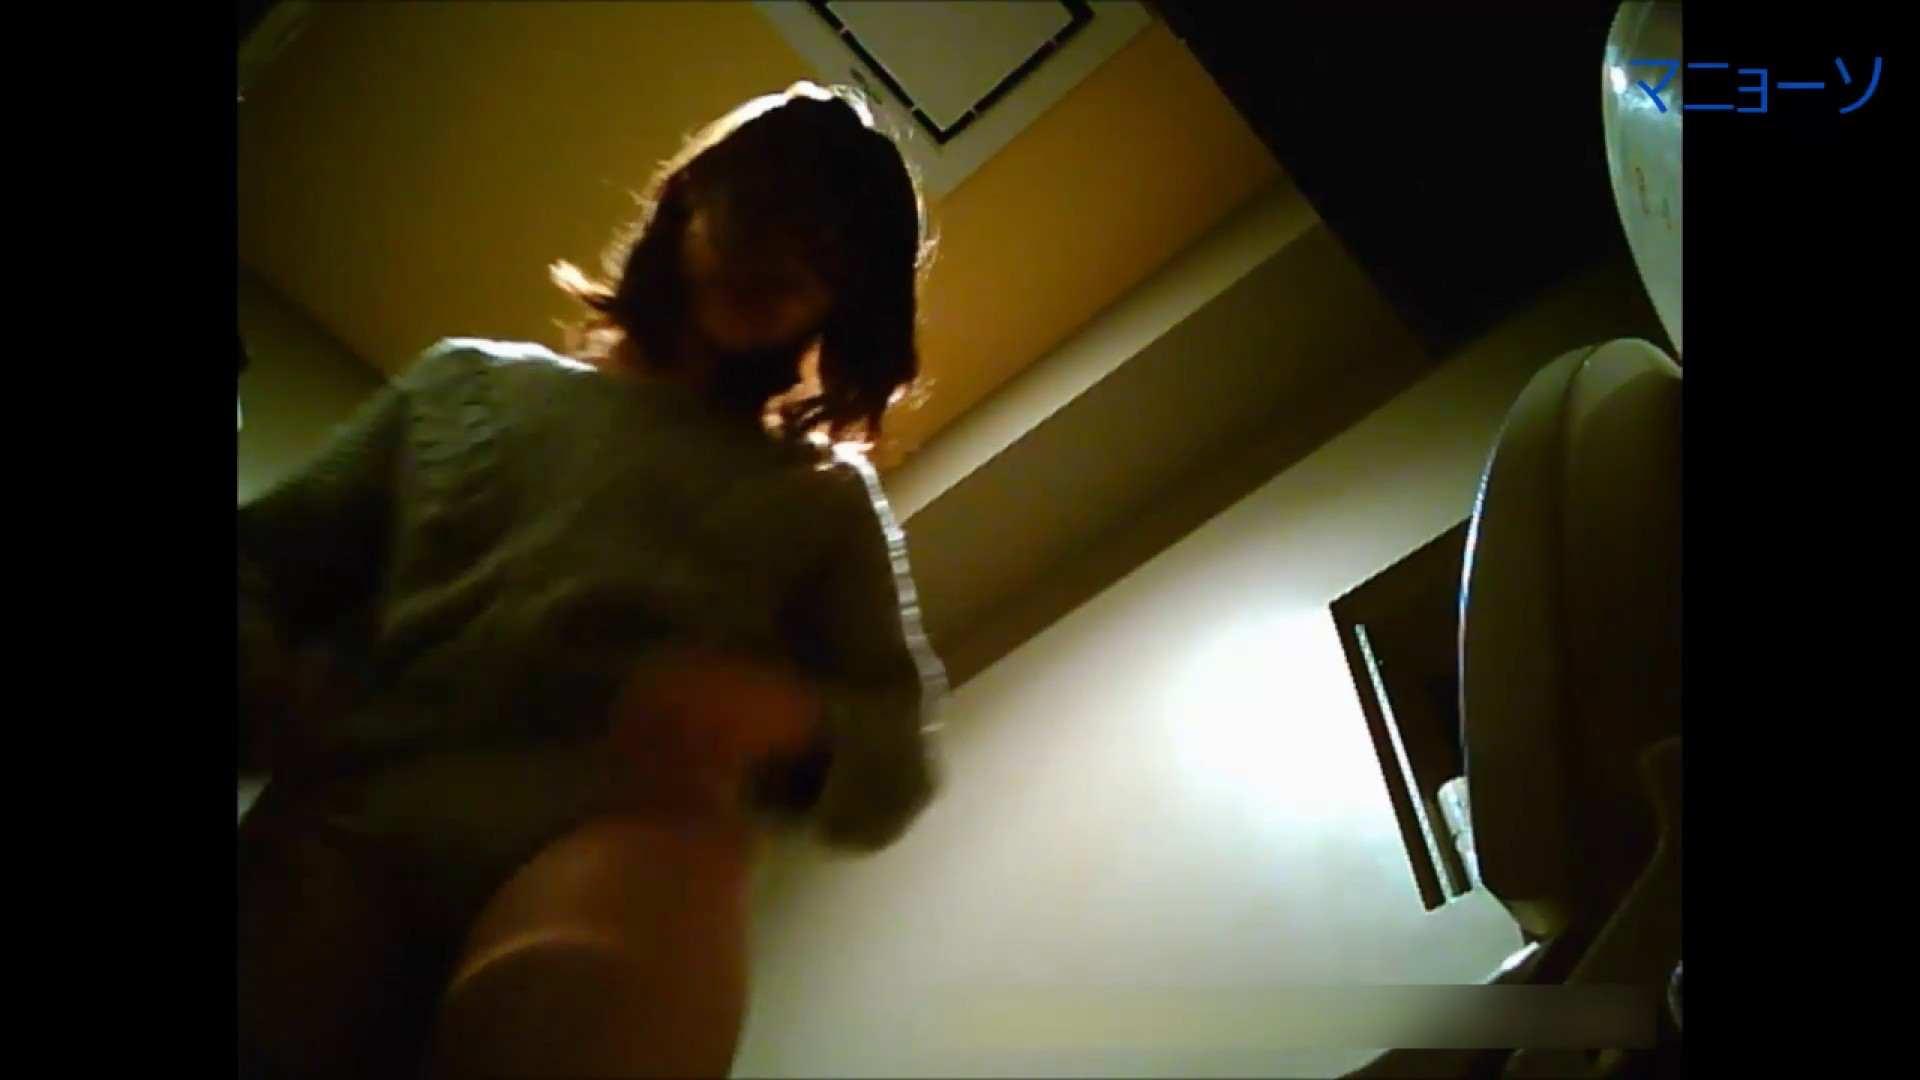 トイレでひと肌脱いでもらいました (JD編)Vol.02 丸見え AV無料動画キャプチャ 83画像 79